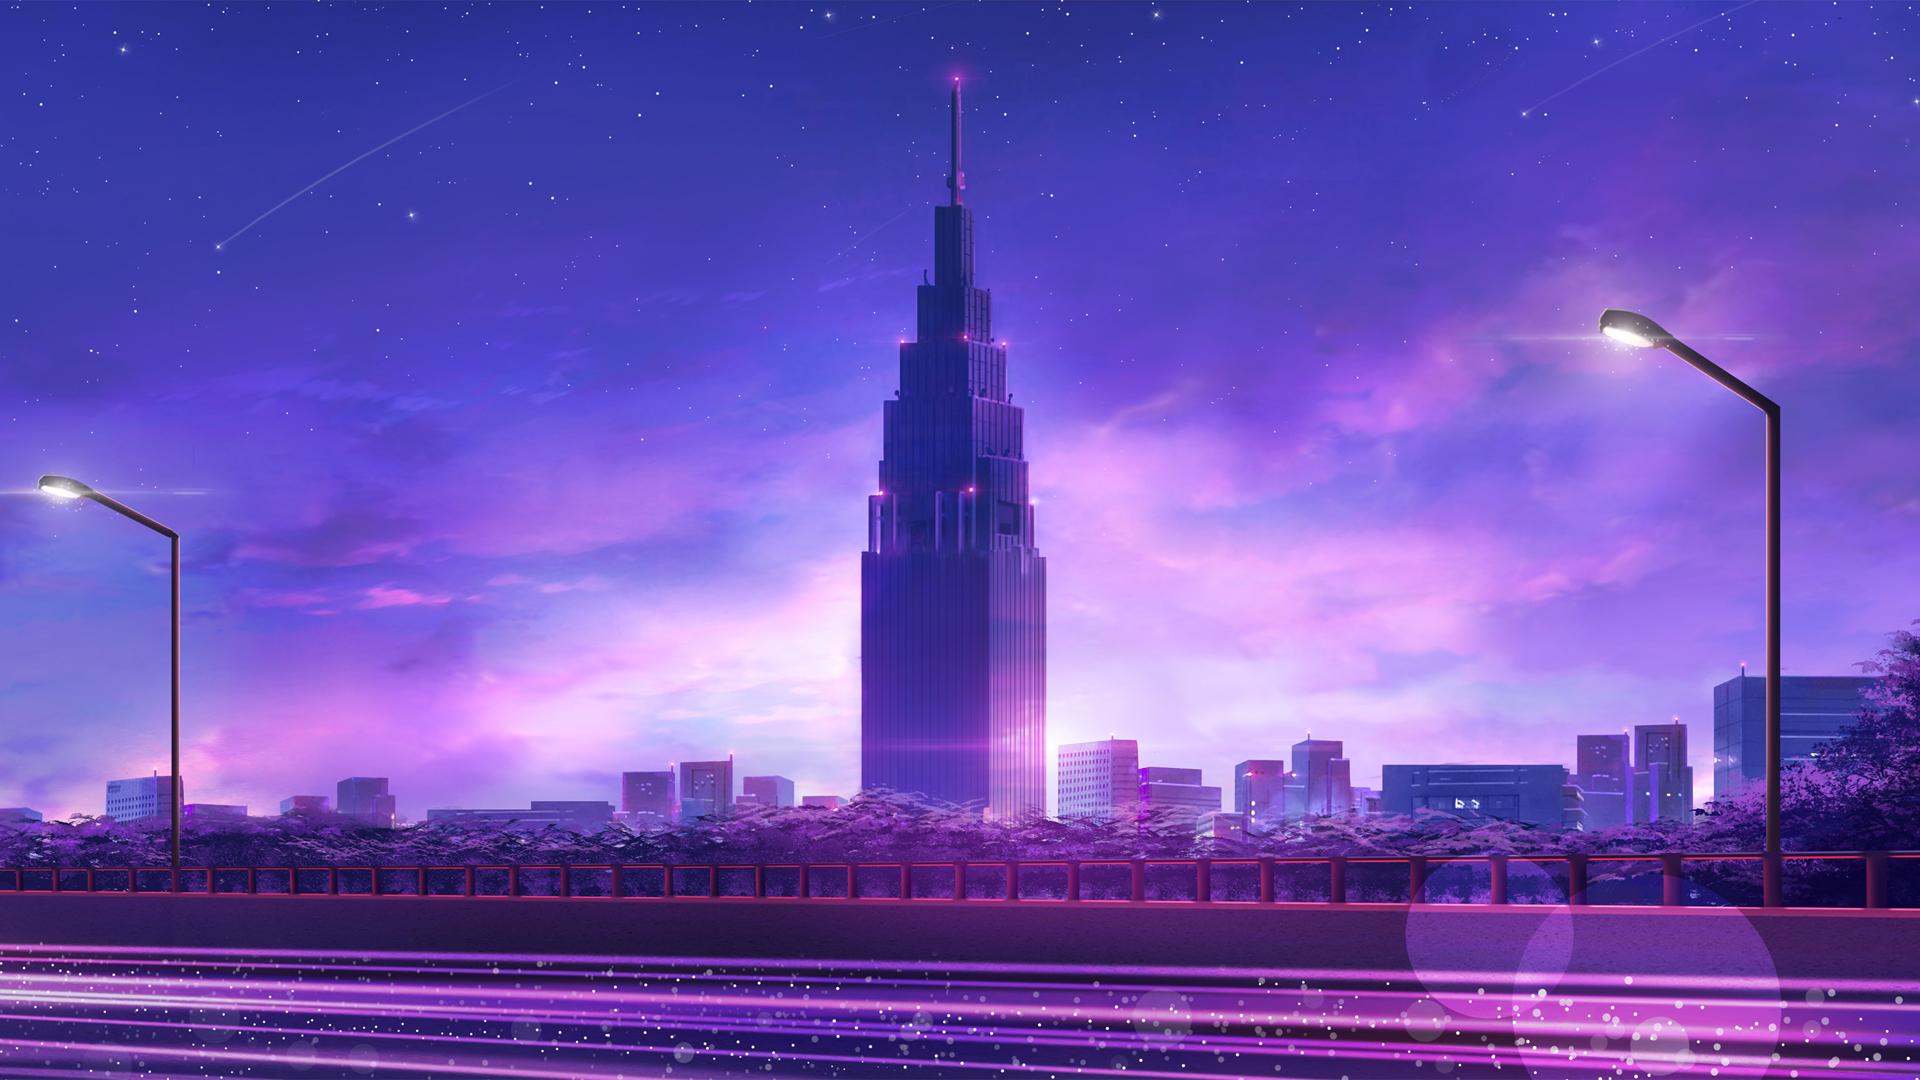 城市 高楼 夜晚 路灯 公路 天空 星星 流星 动漫壁纸-动漫壁纸